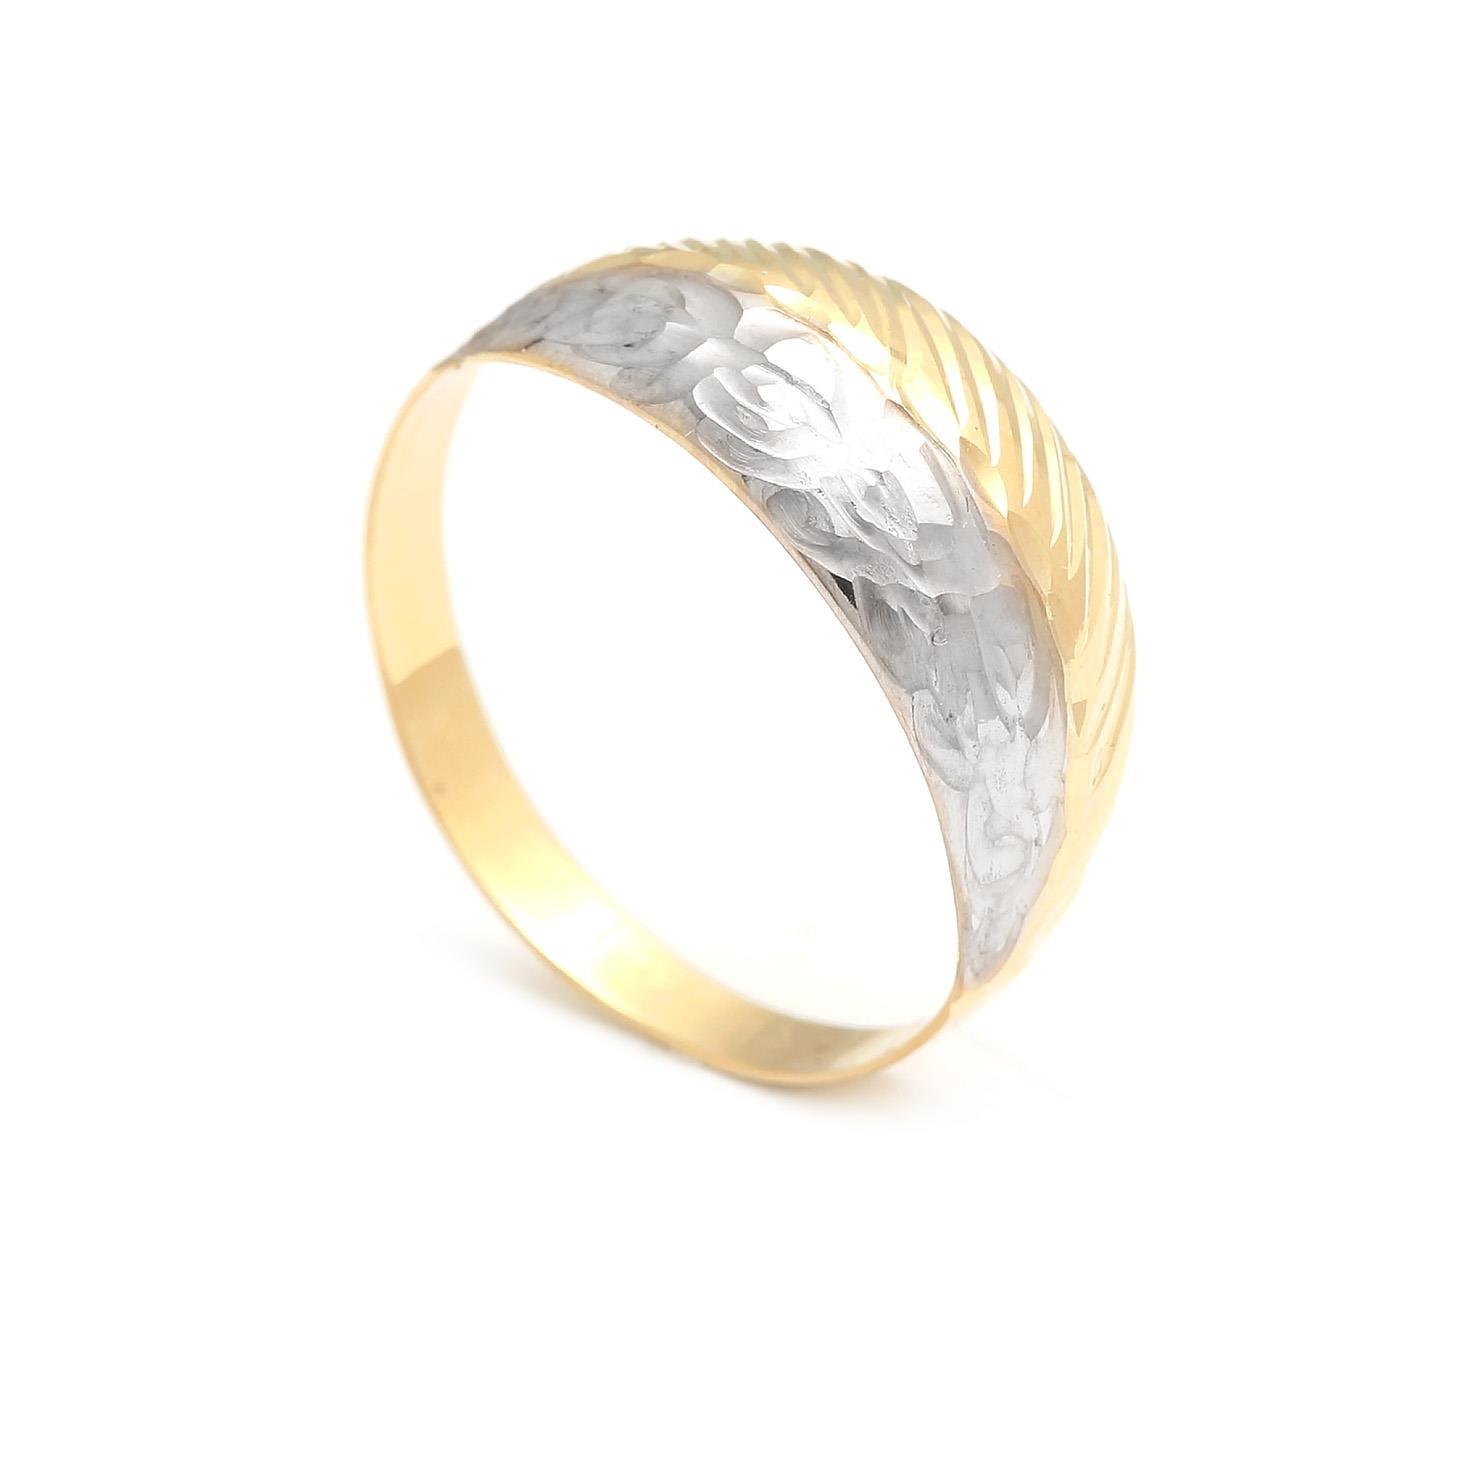 edfd5b132 Zlaty prsten damsky kombinovane zlato   Stojizato.sme.sk